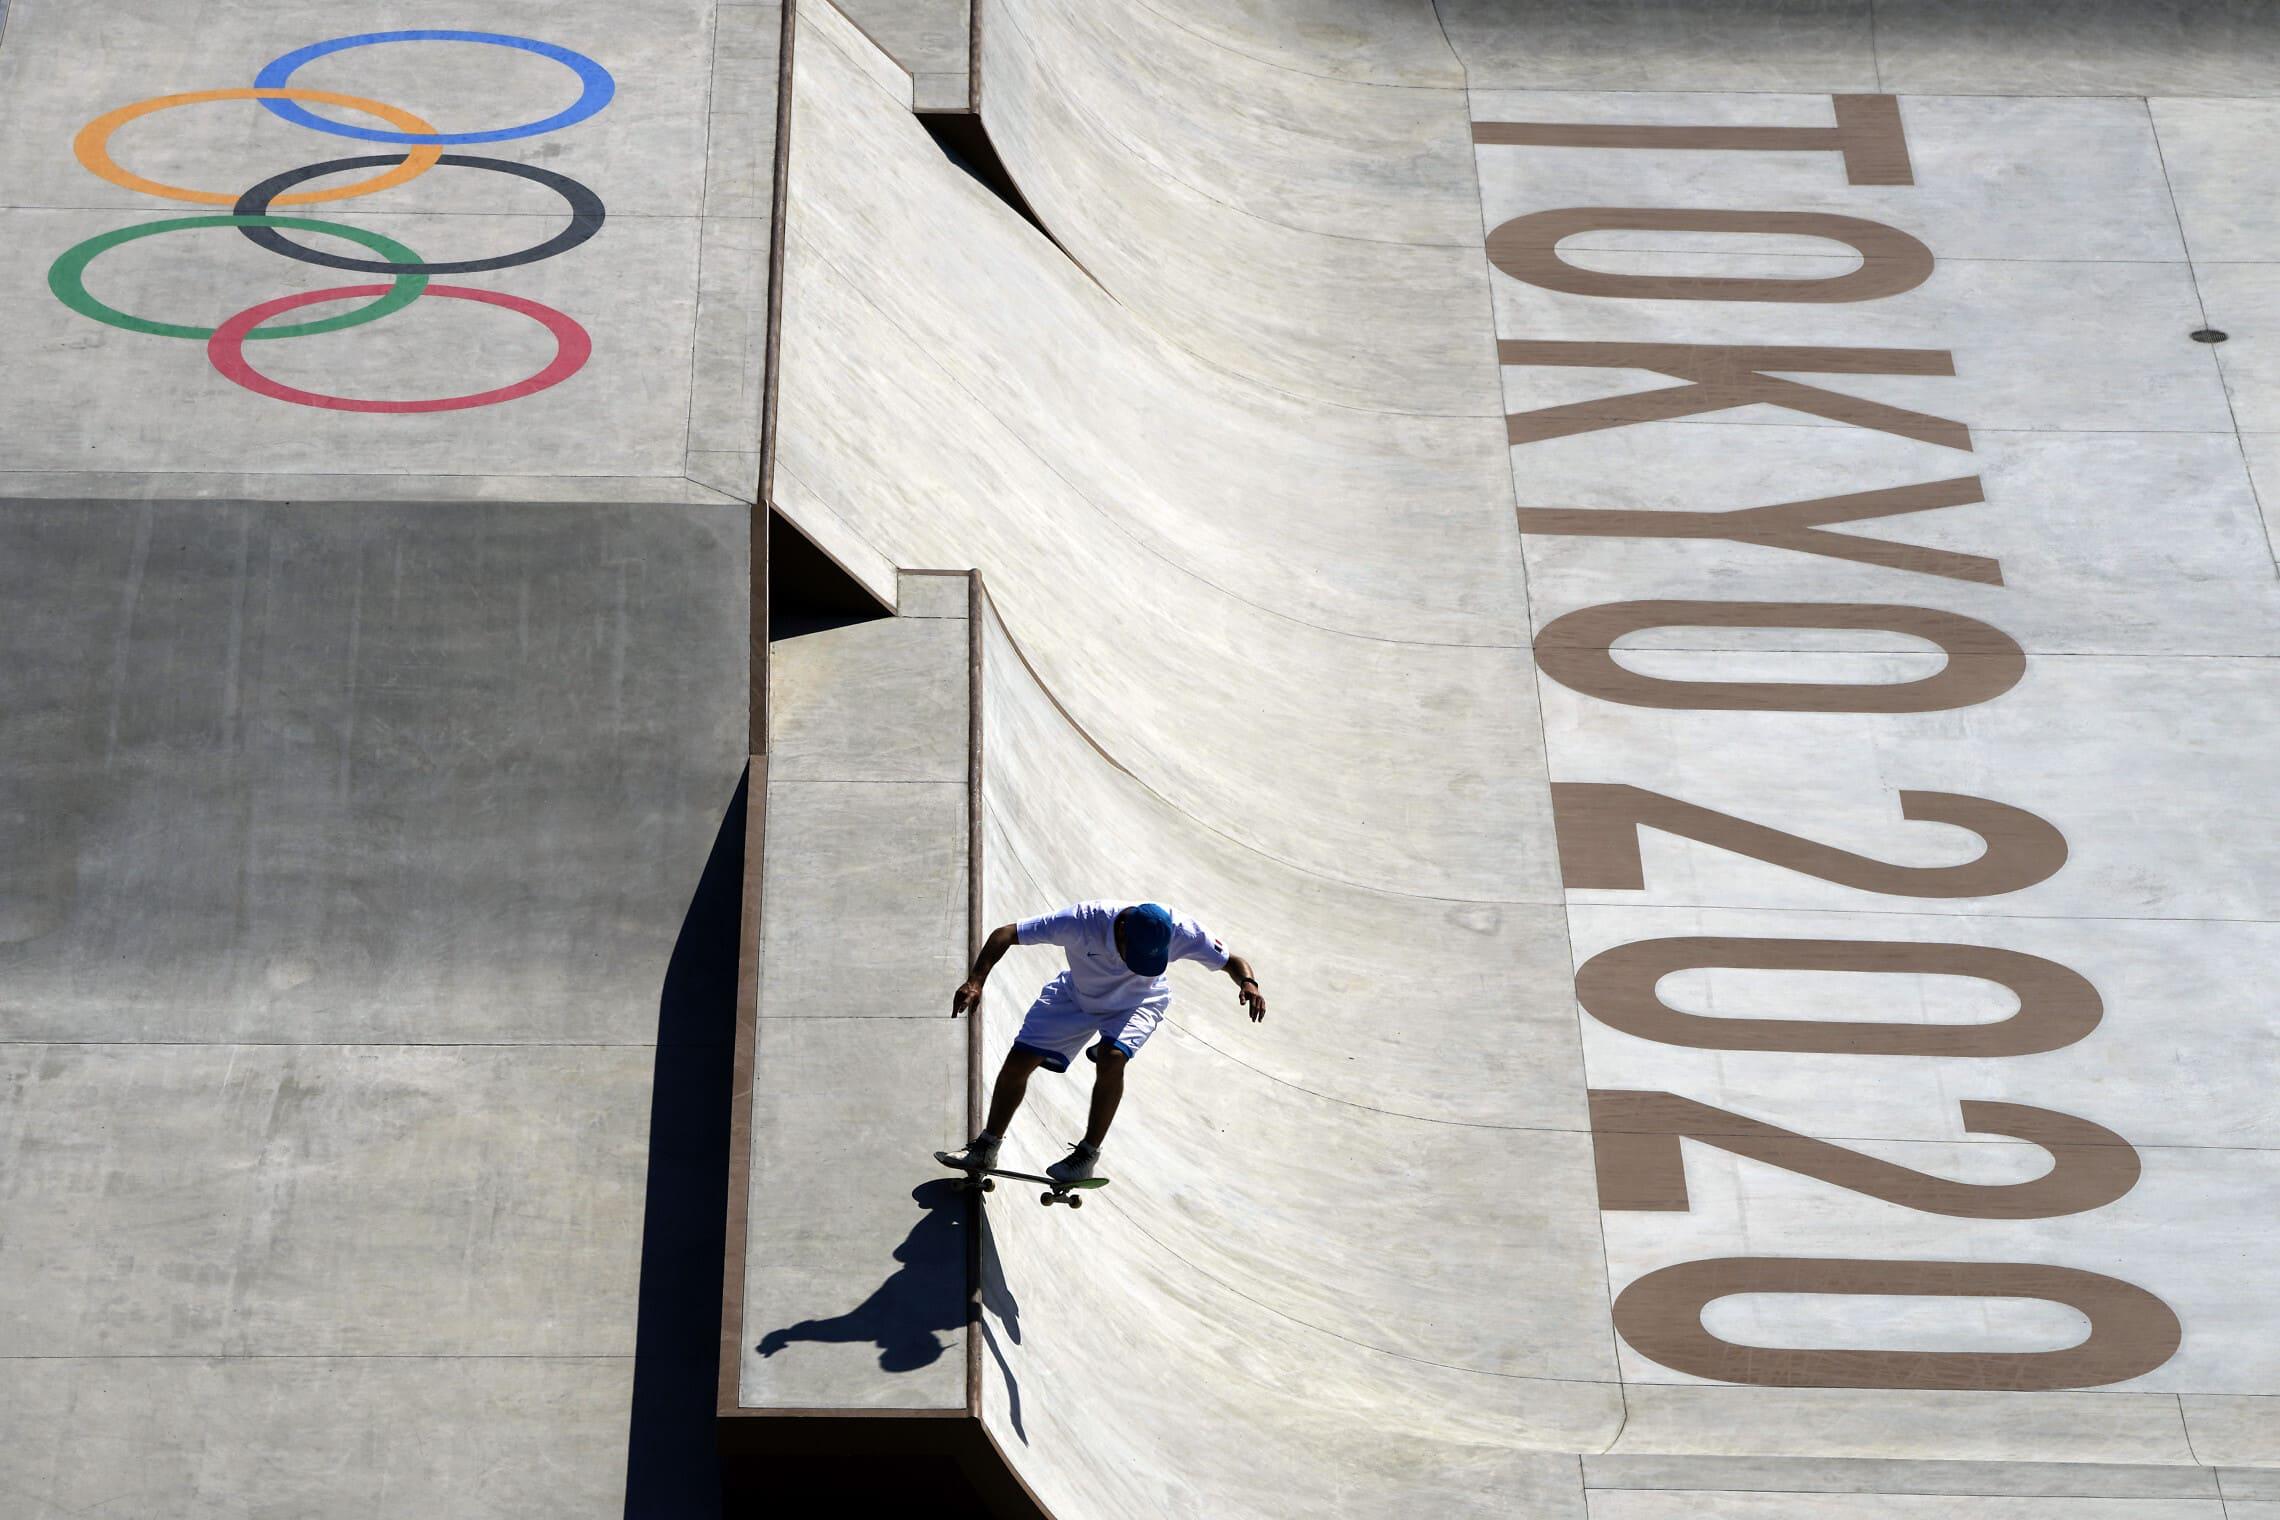 לראשונה בטוקיו, סקייטבורד הופך לענף אולימפי (צילום: AP Photo/Gregory Bull)